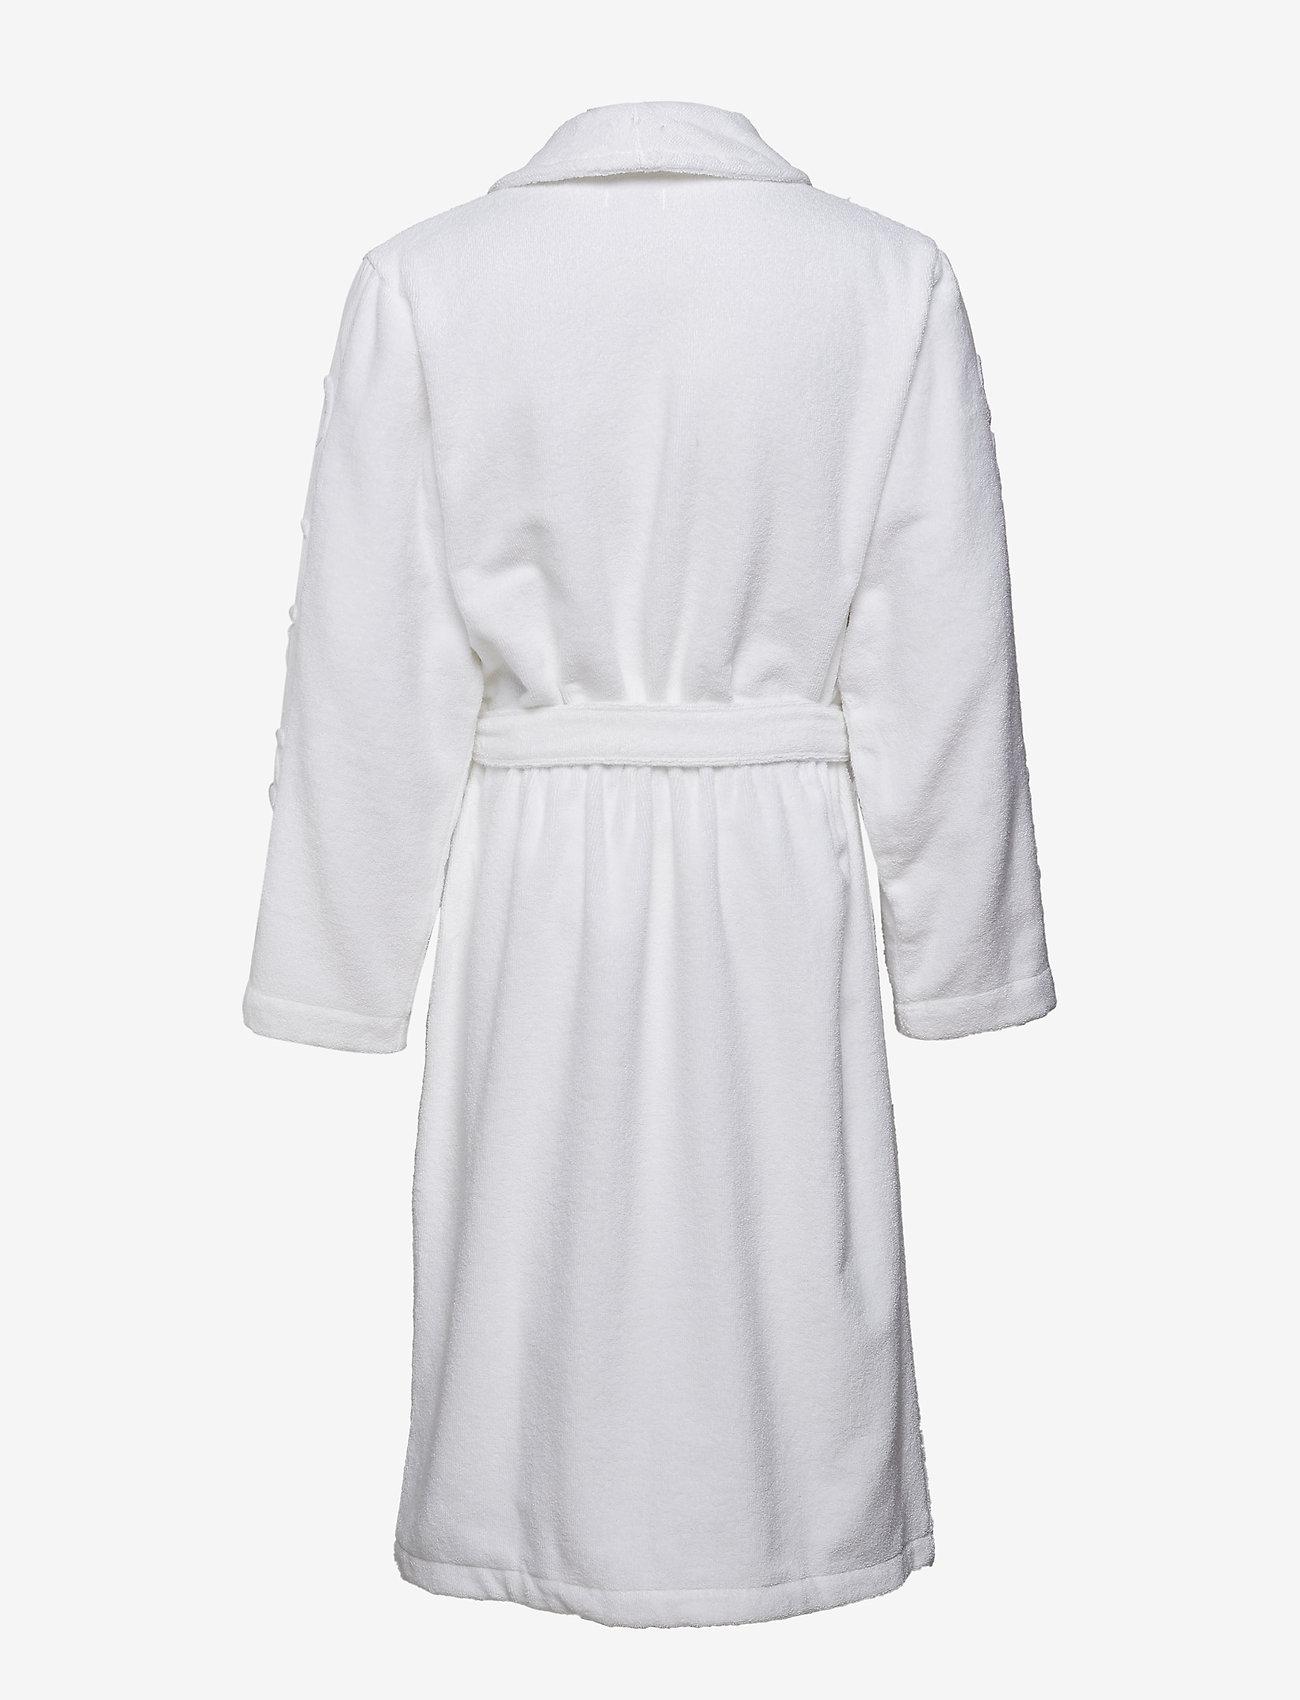 Calvin Klein - ROBE - robes - white - 1